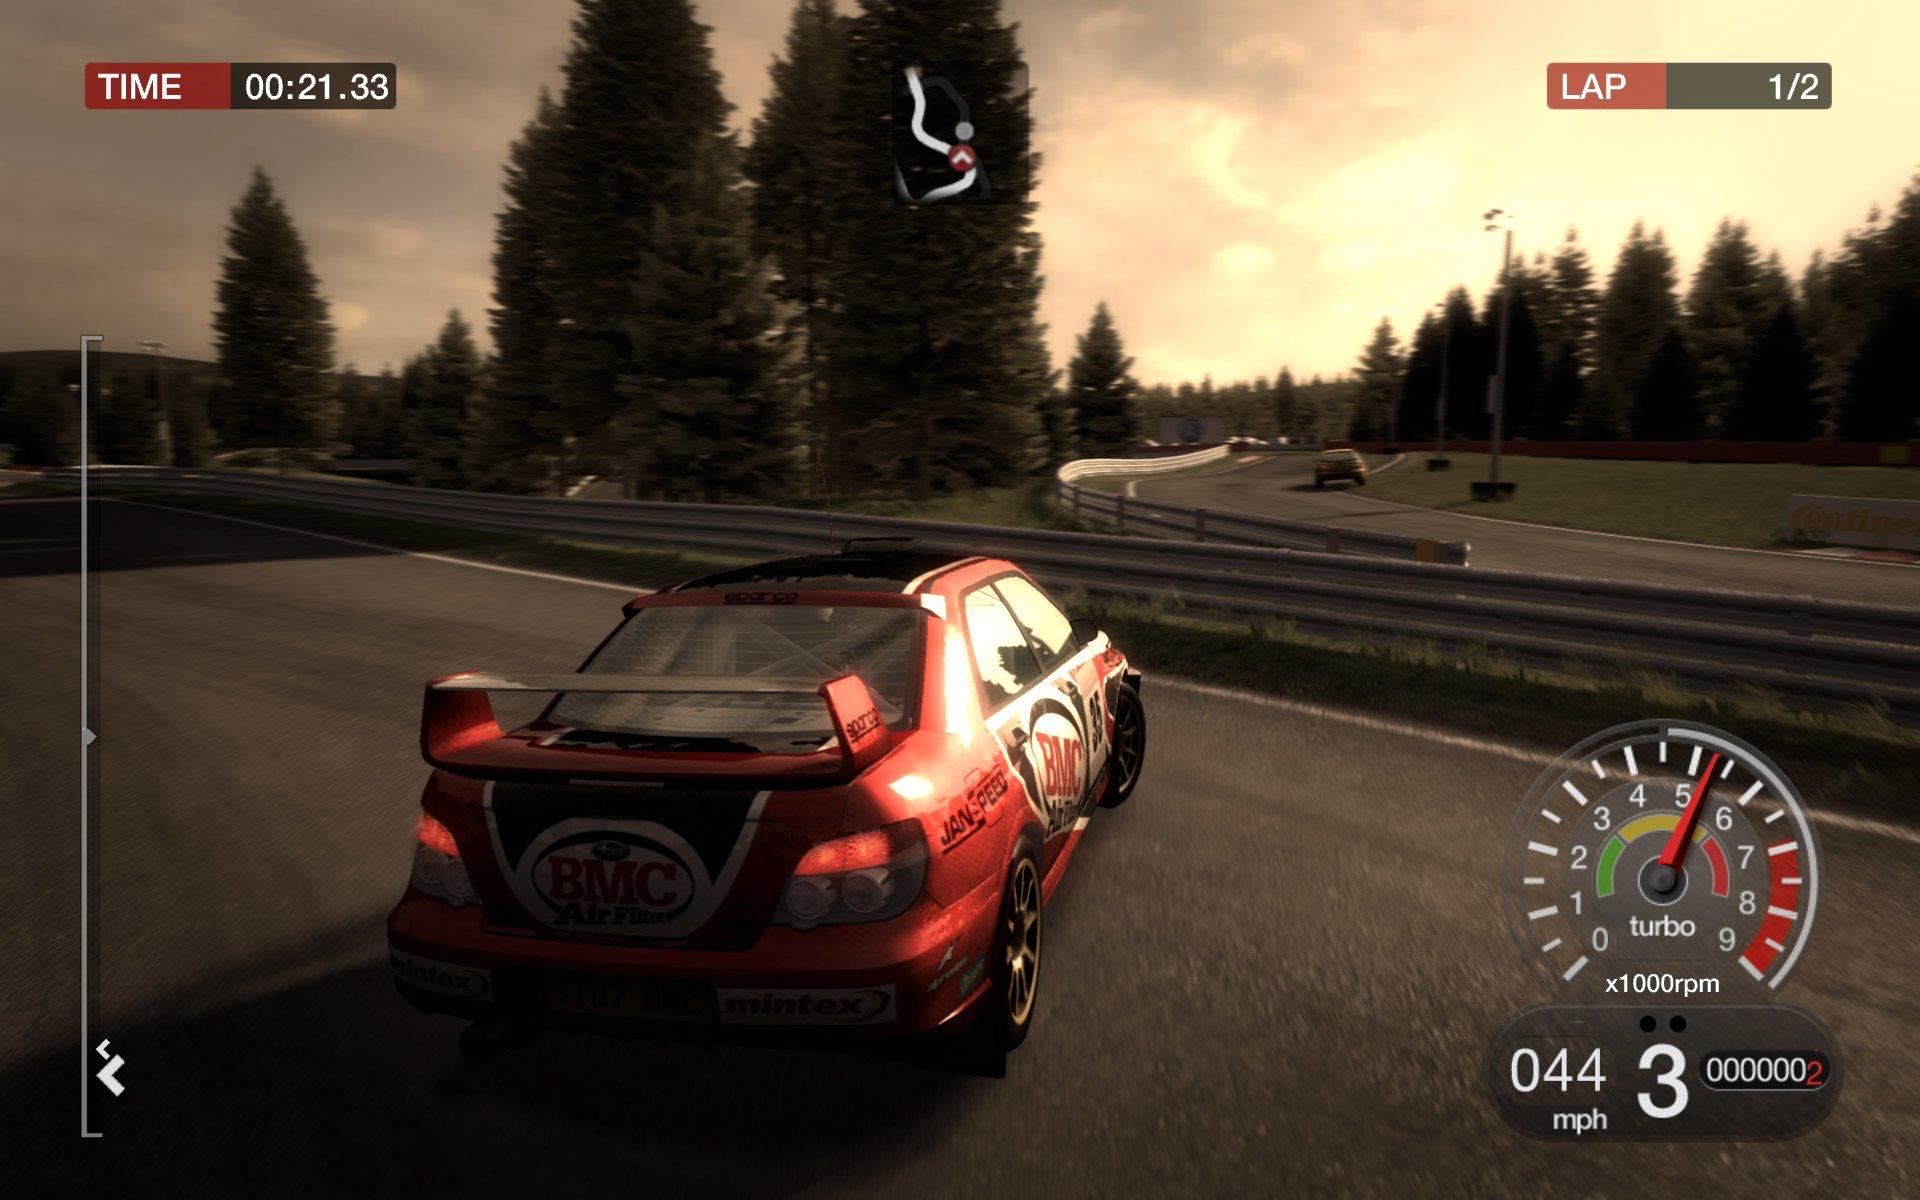 2007 год в компьютерных играх - Изображение 13